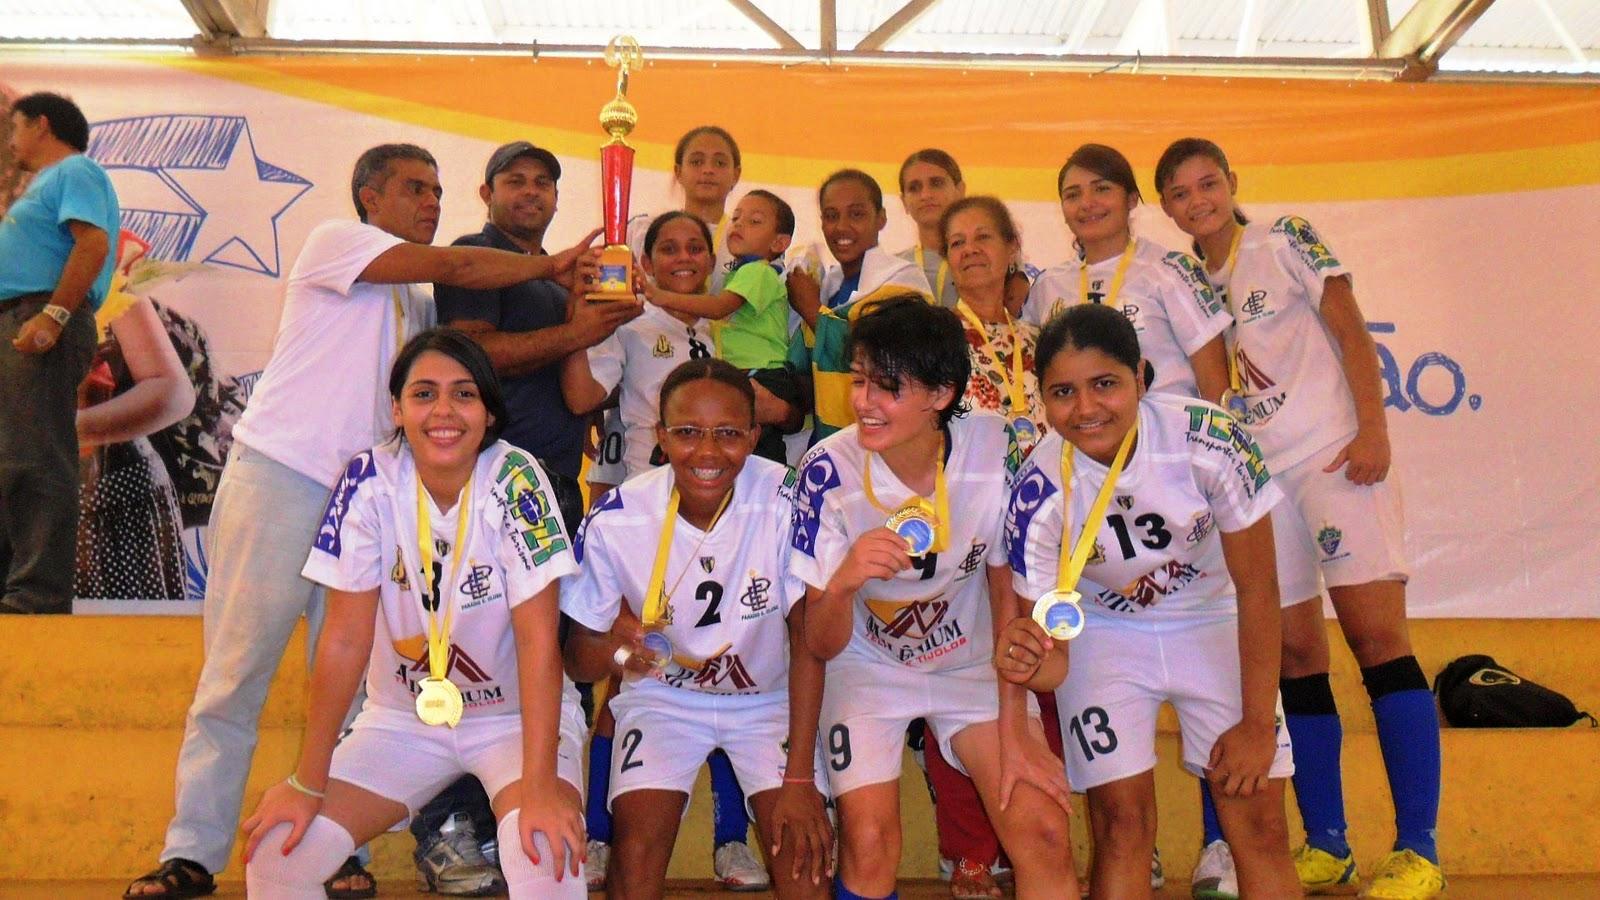 Equipe Campeã do Futsal Feminino - Paraíso do Tocantins. Definidos os  campeões ... ba4e74a5c5e88